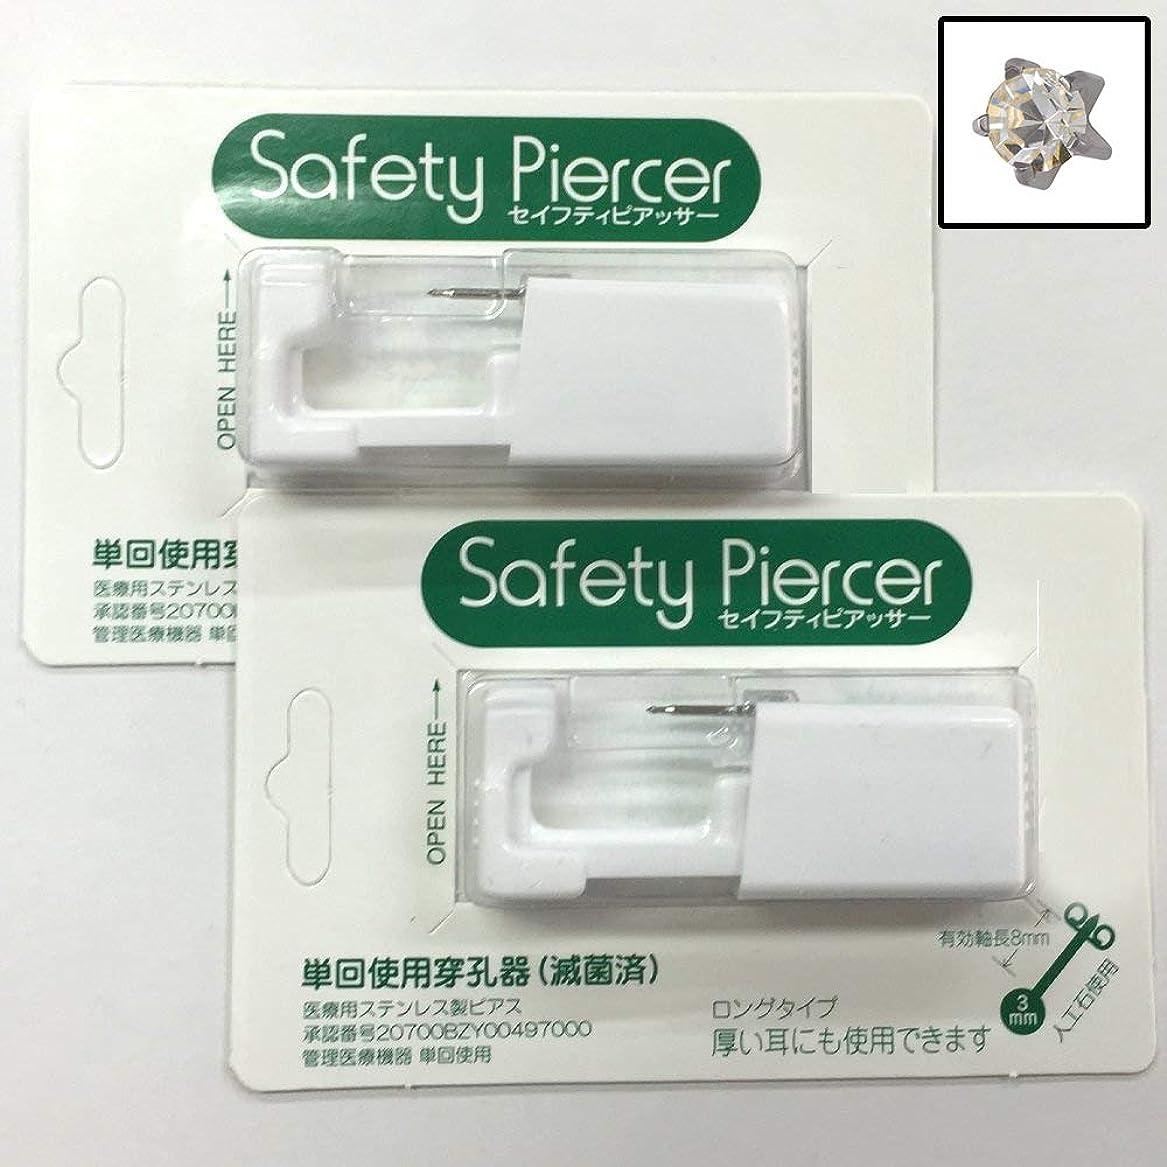 任命する軸梨セイフティピアッサー シルバー (医療用ステンレス) 3mm ダイヤ色 5M104WL(2個セット)